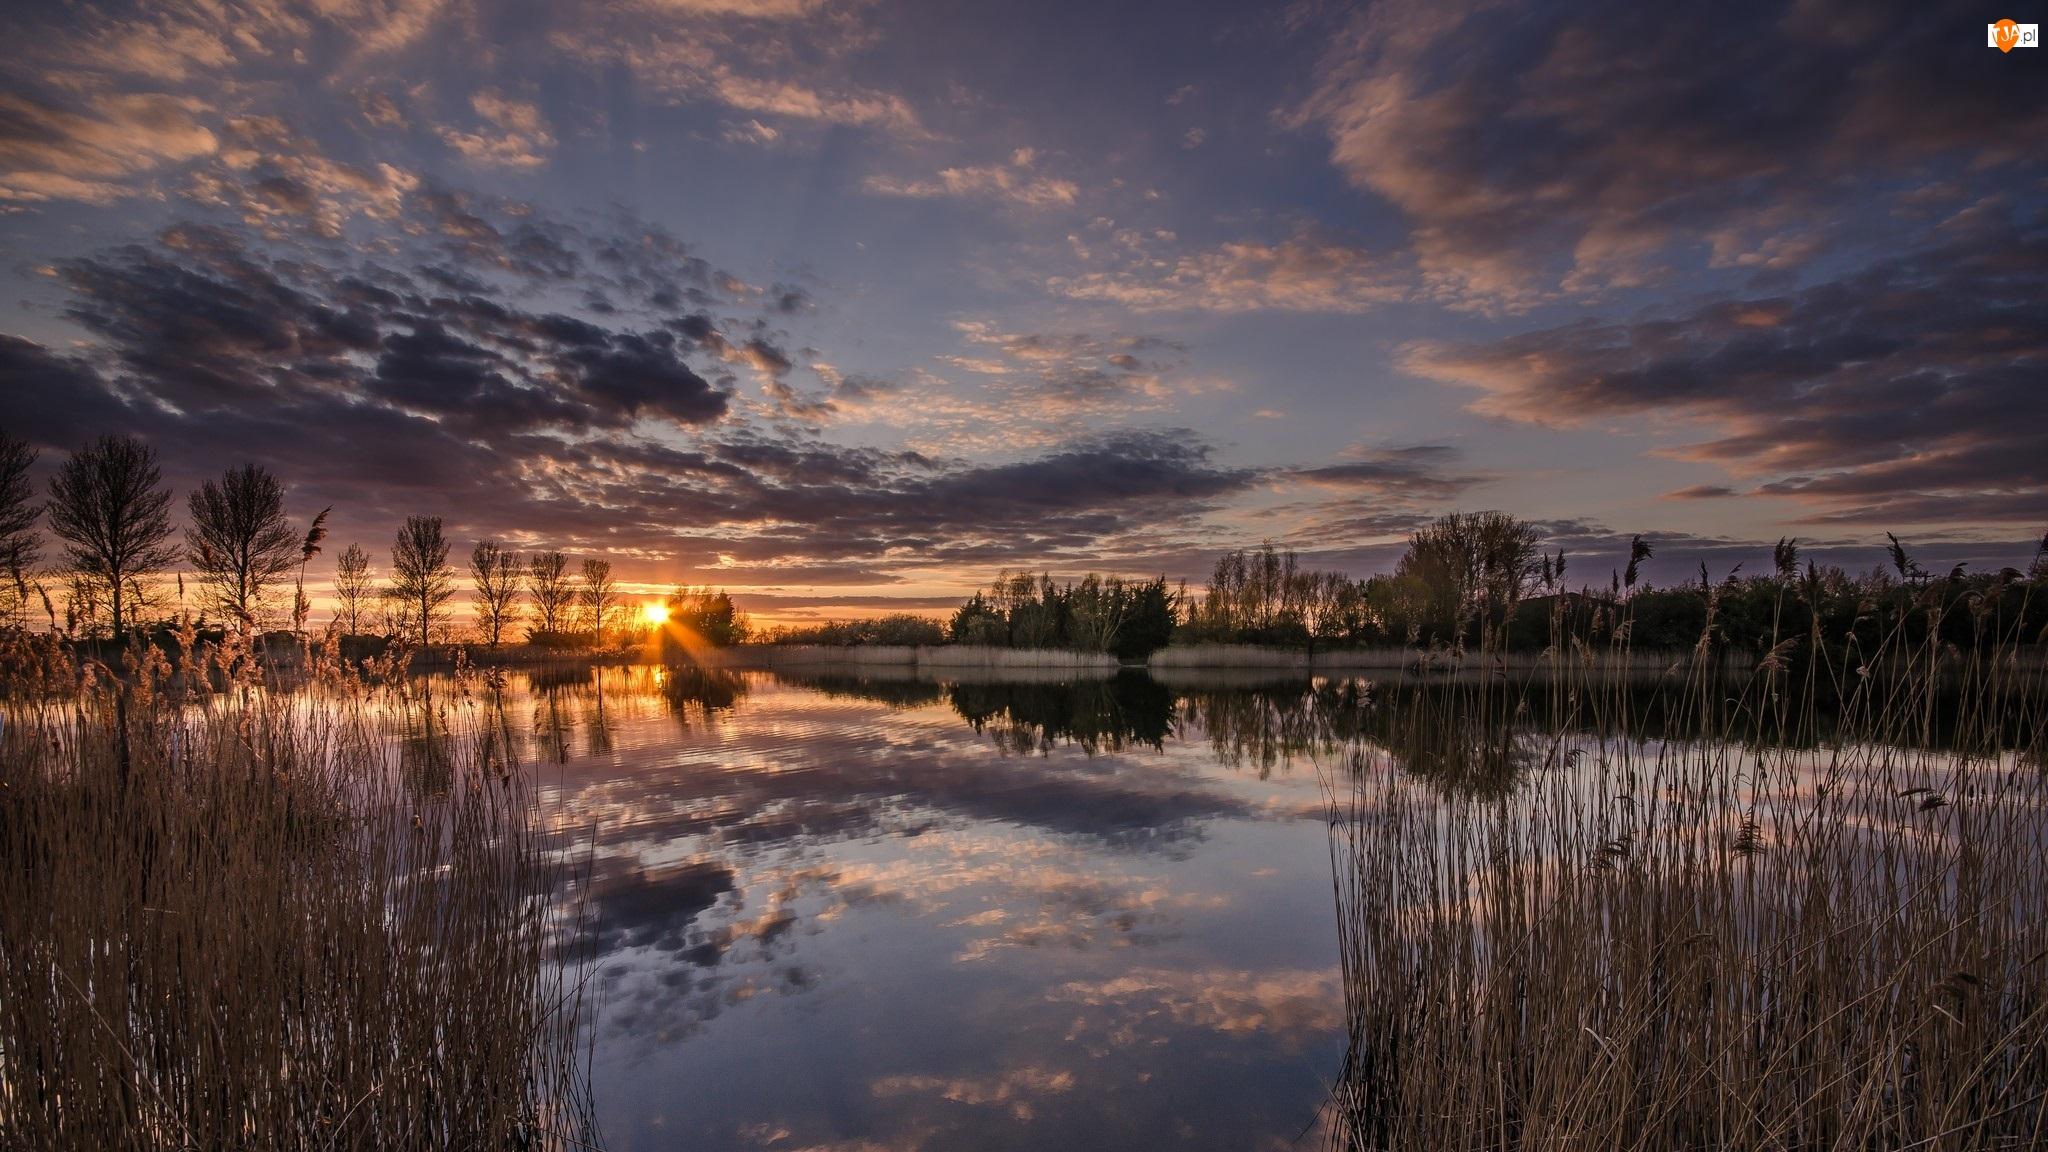 Rzeka Medway, Trawy, Anglia, Zachód słońca Anglia, Maidstone, Drzewa